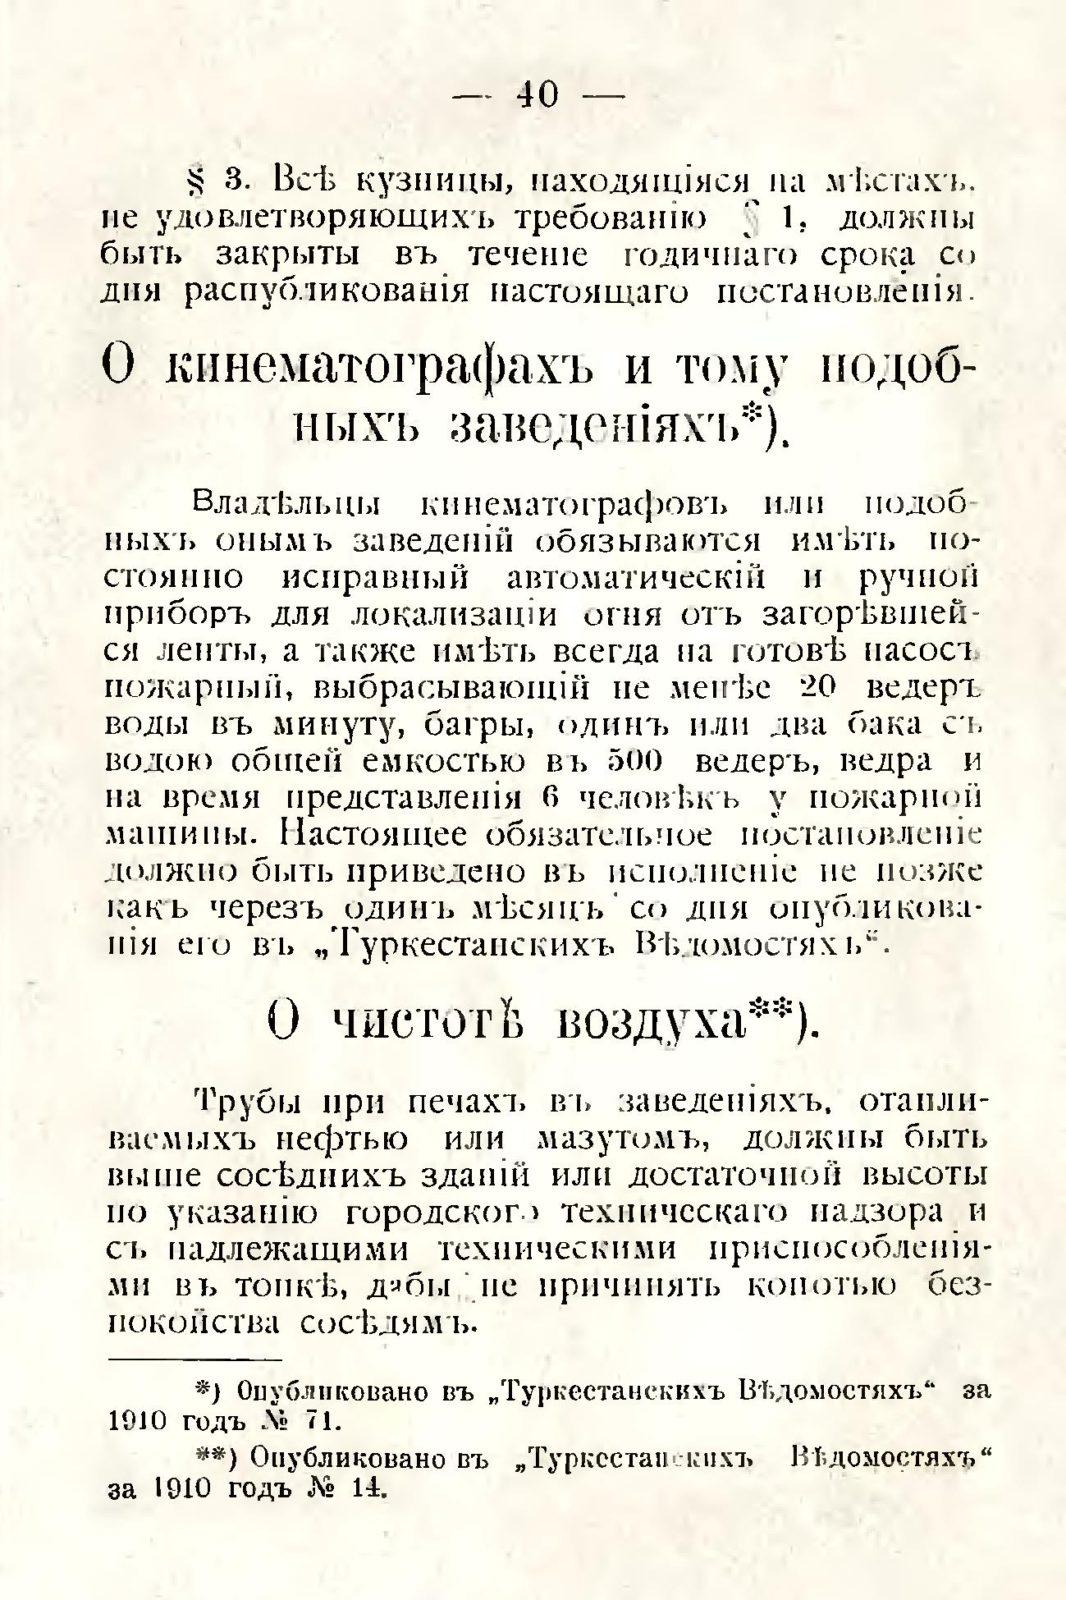 sbornik_obyazatelnyh_postanovlenii_tashkentskoi_gorodskoi_du_44